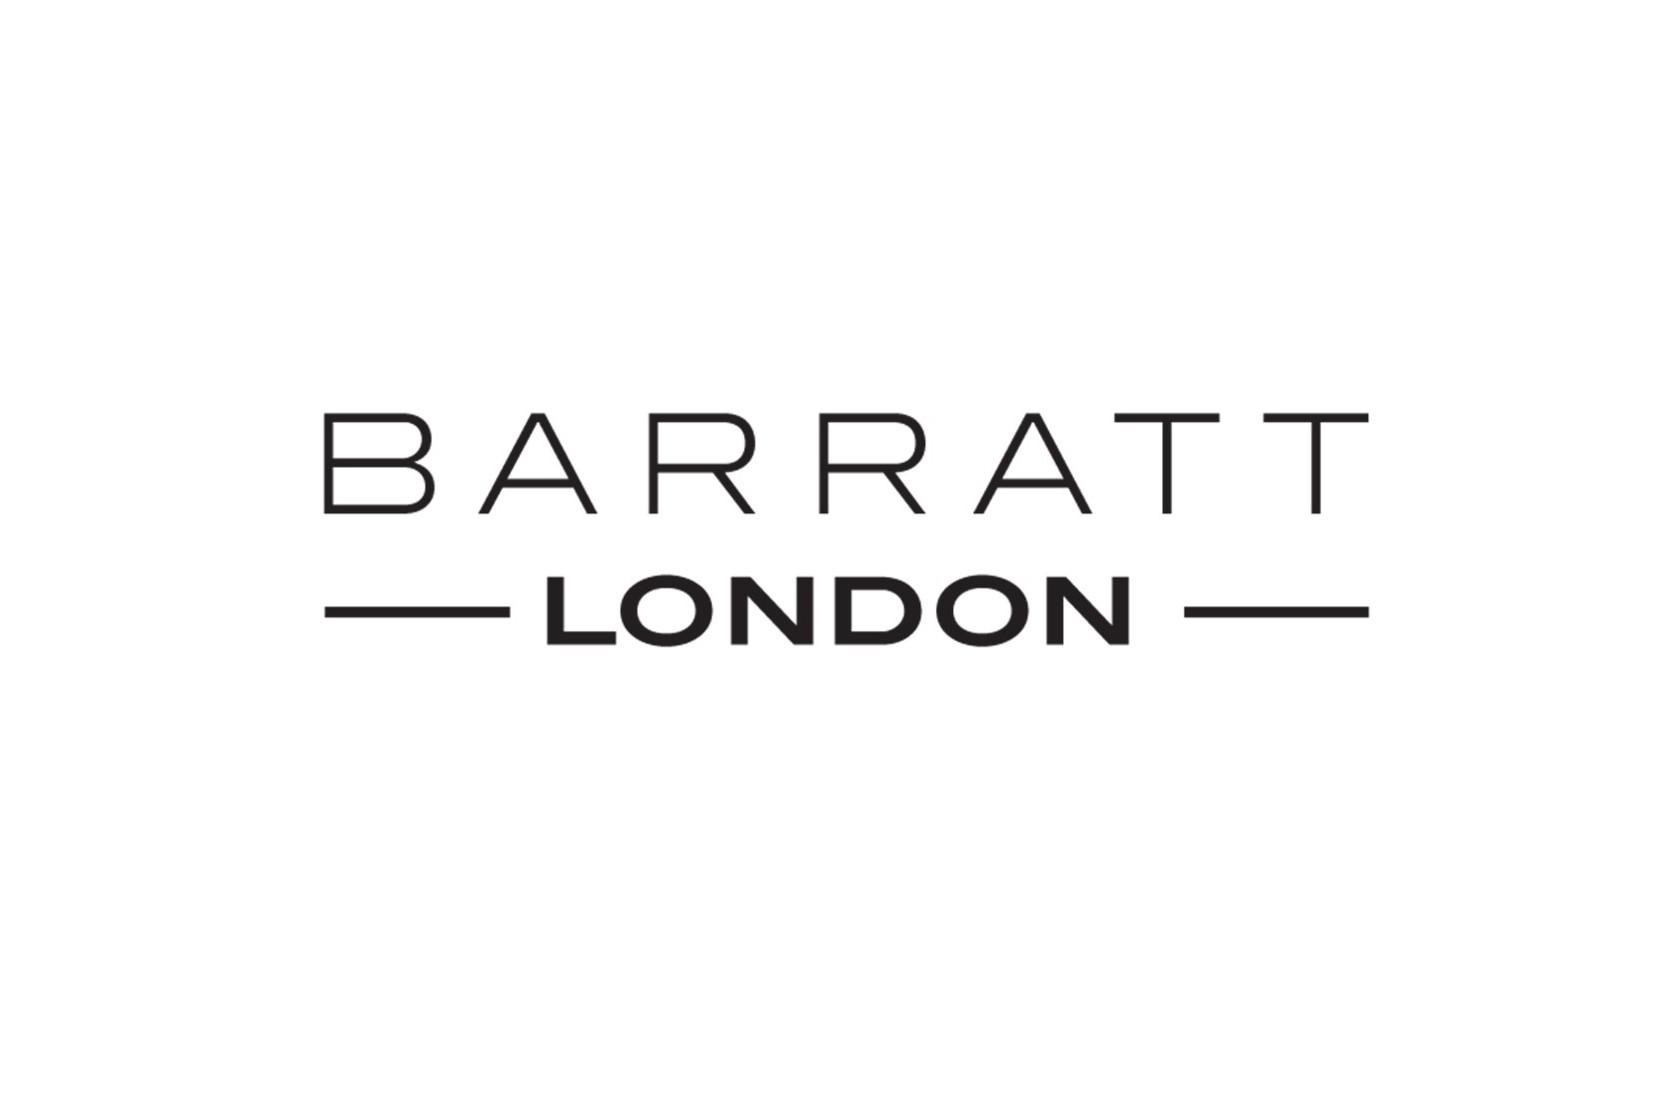 Barratt London - Vokins